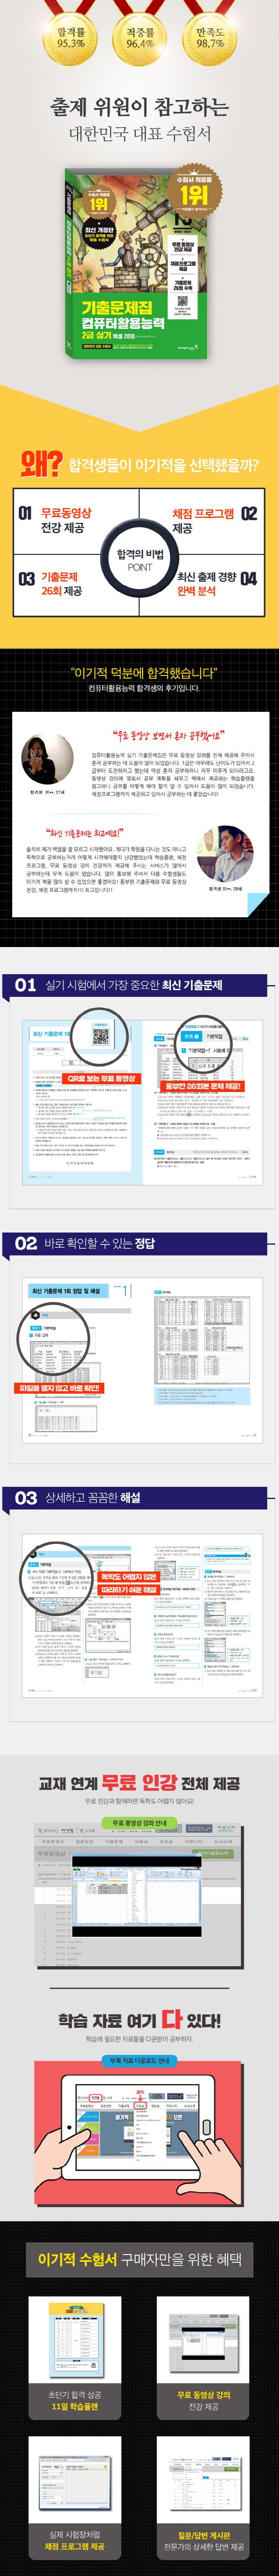 컴퓨터활용능력 2급 실기 기출문제집(2019)(이기적)(개정판) 도서 상세이미지